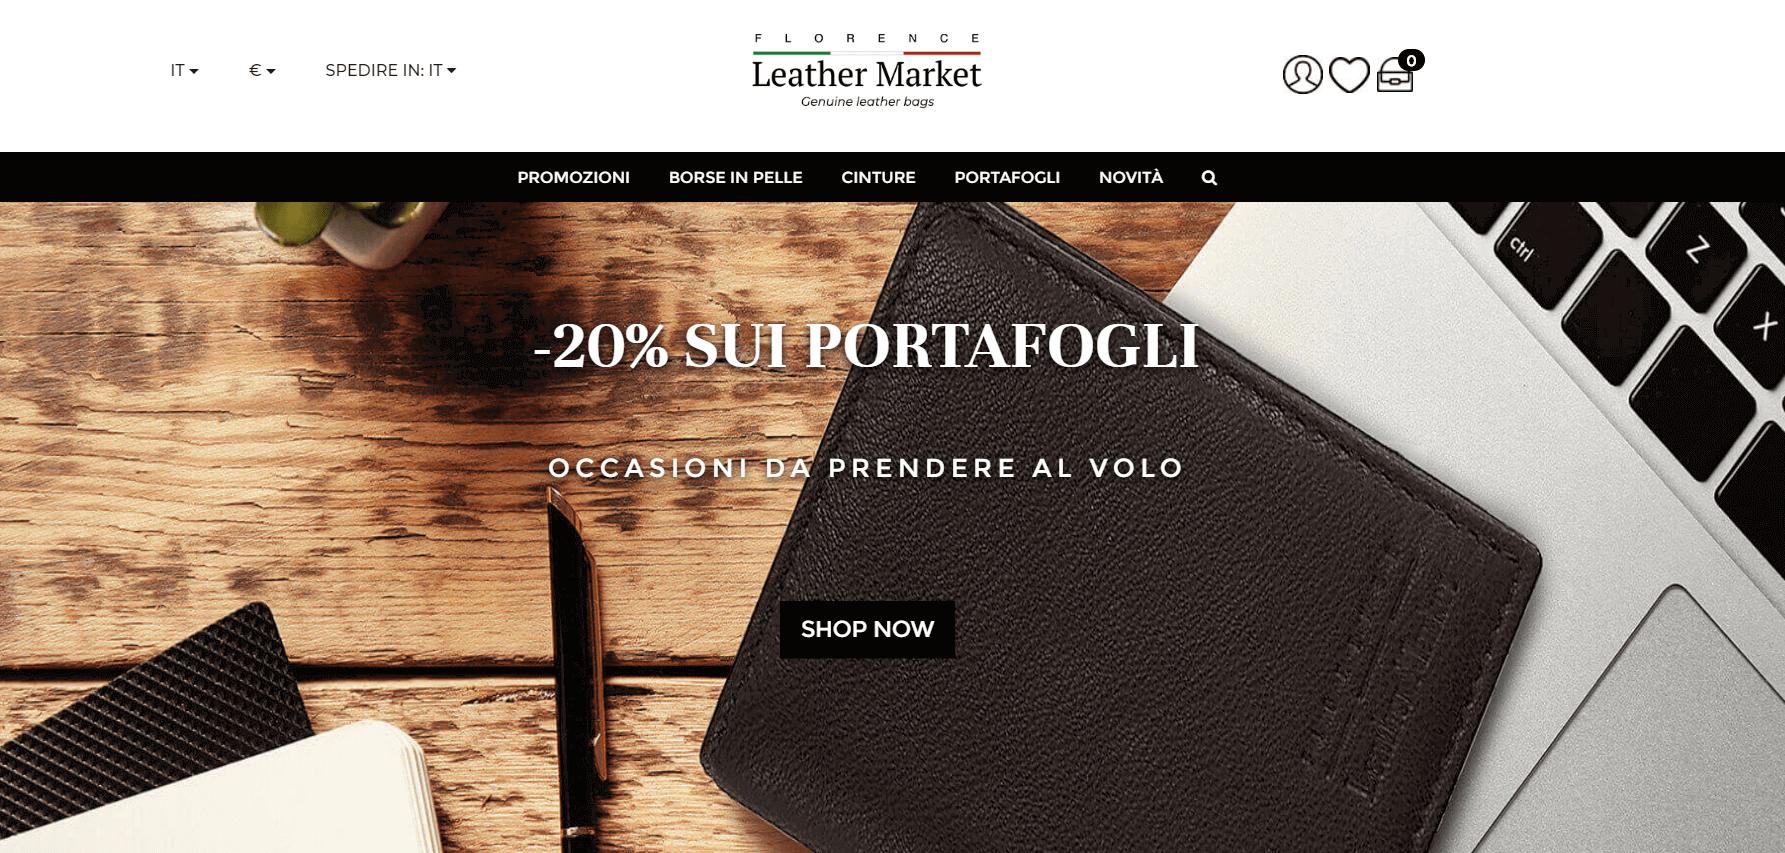 Покупка на Florence Leather market с доставкой в Казахстан ✔️ myMeest - 3